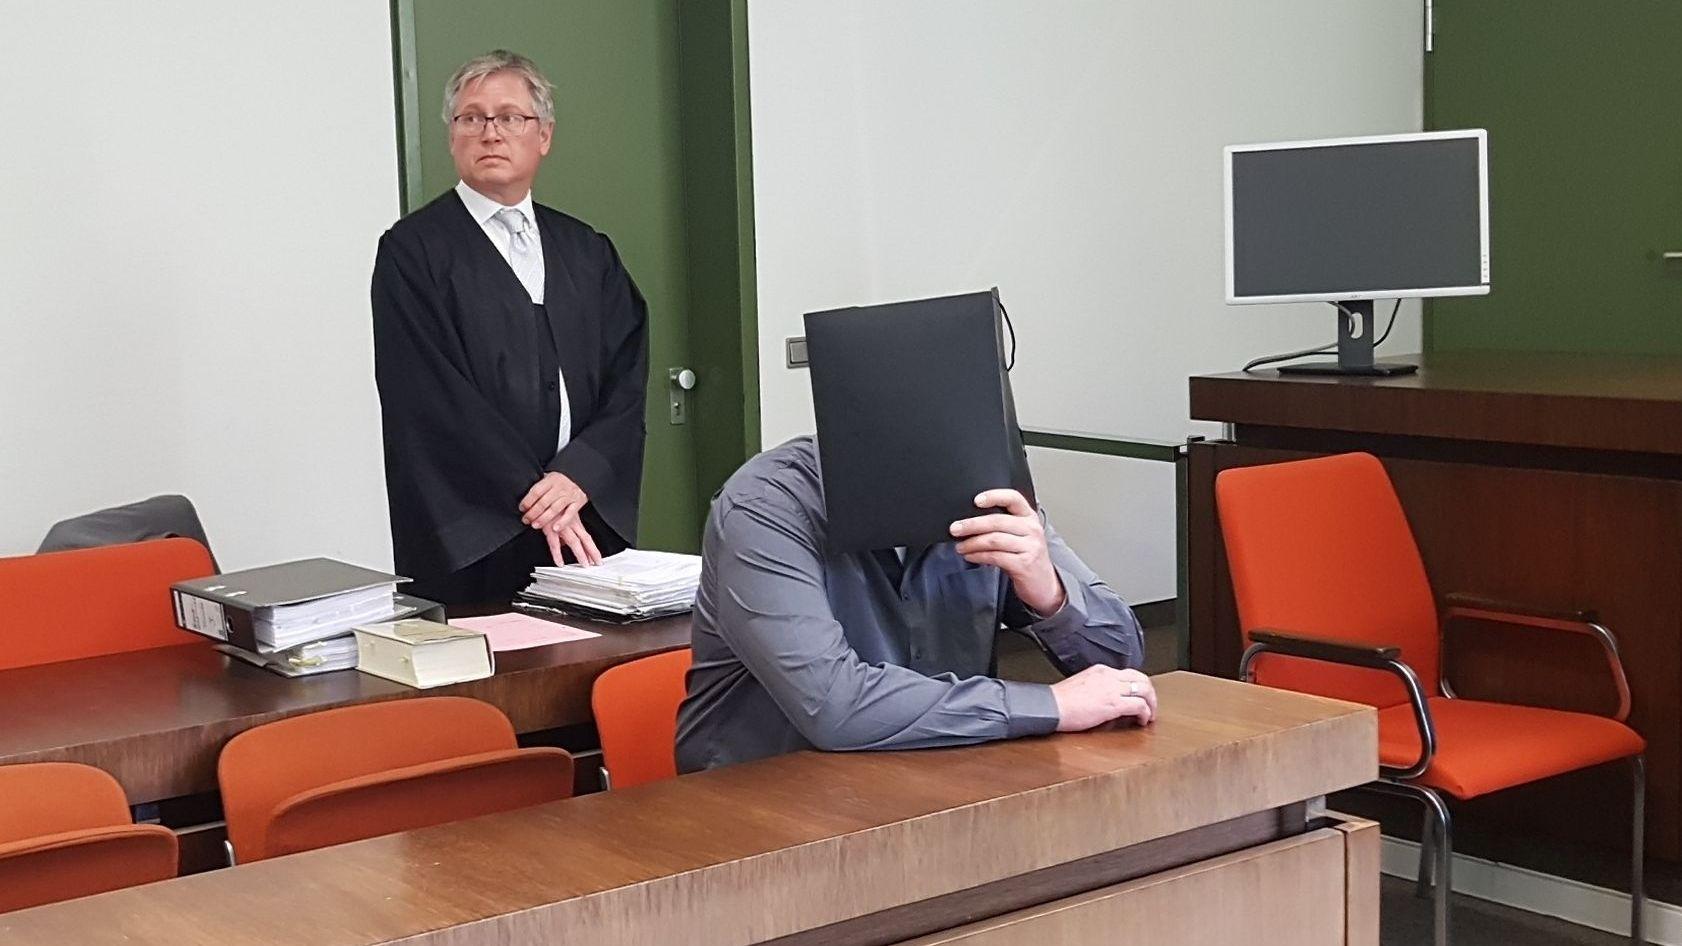 Der Angeklagte verbirgt sich hinter einer Mappe im Landgericht München.